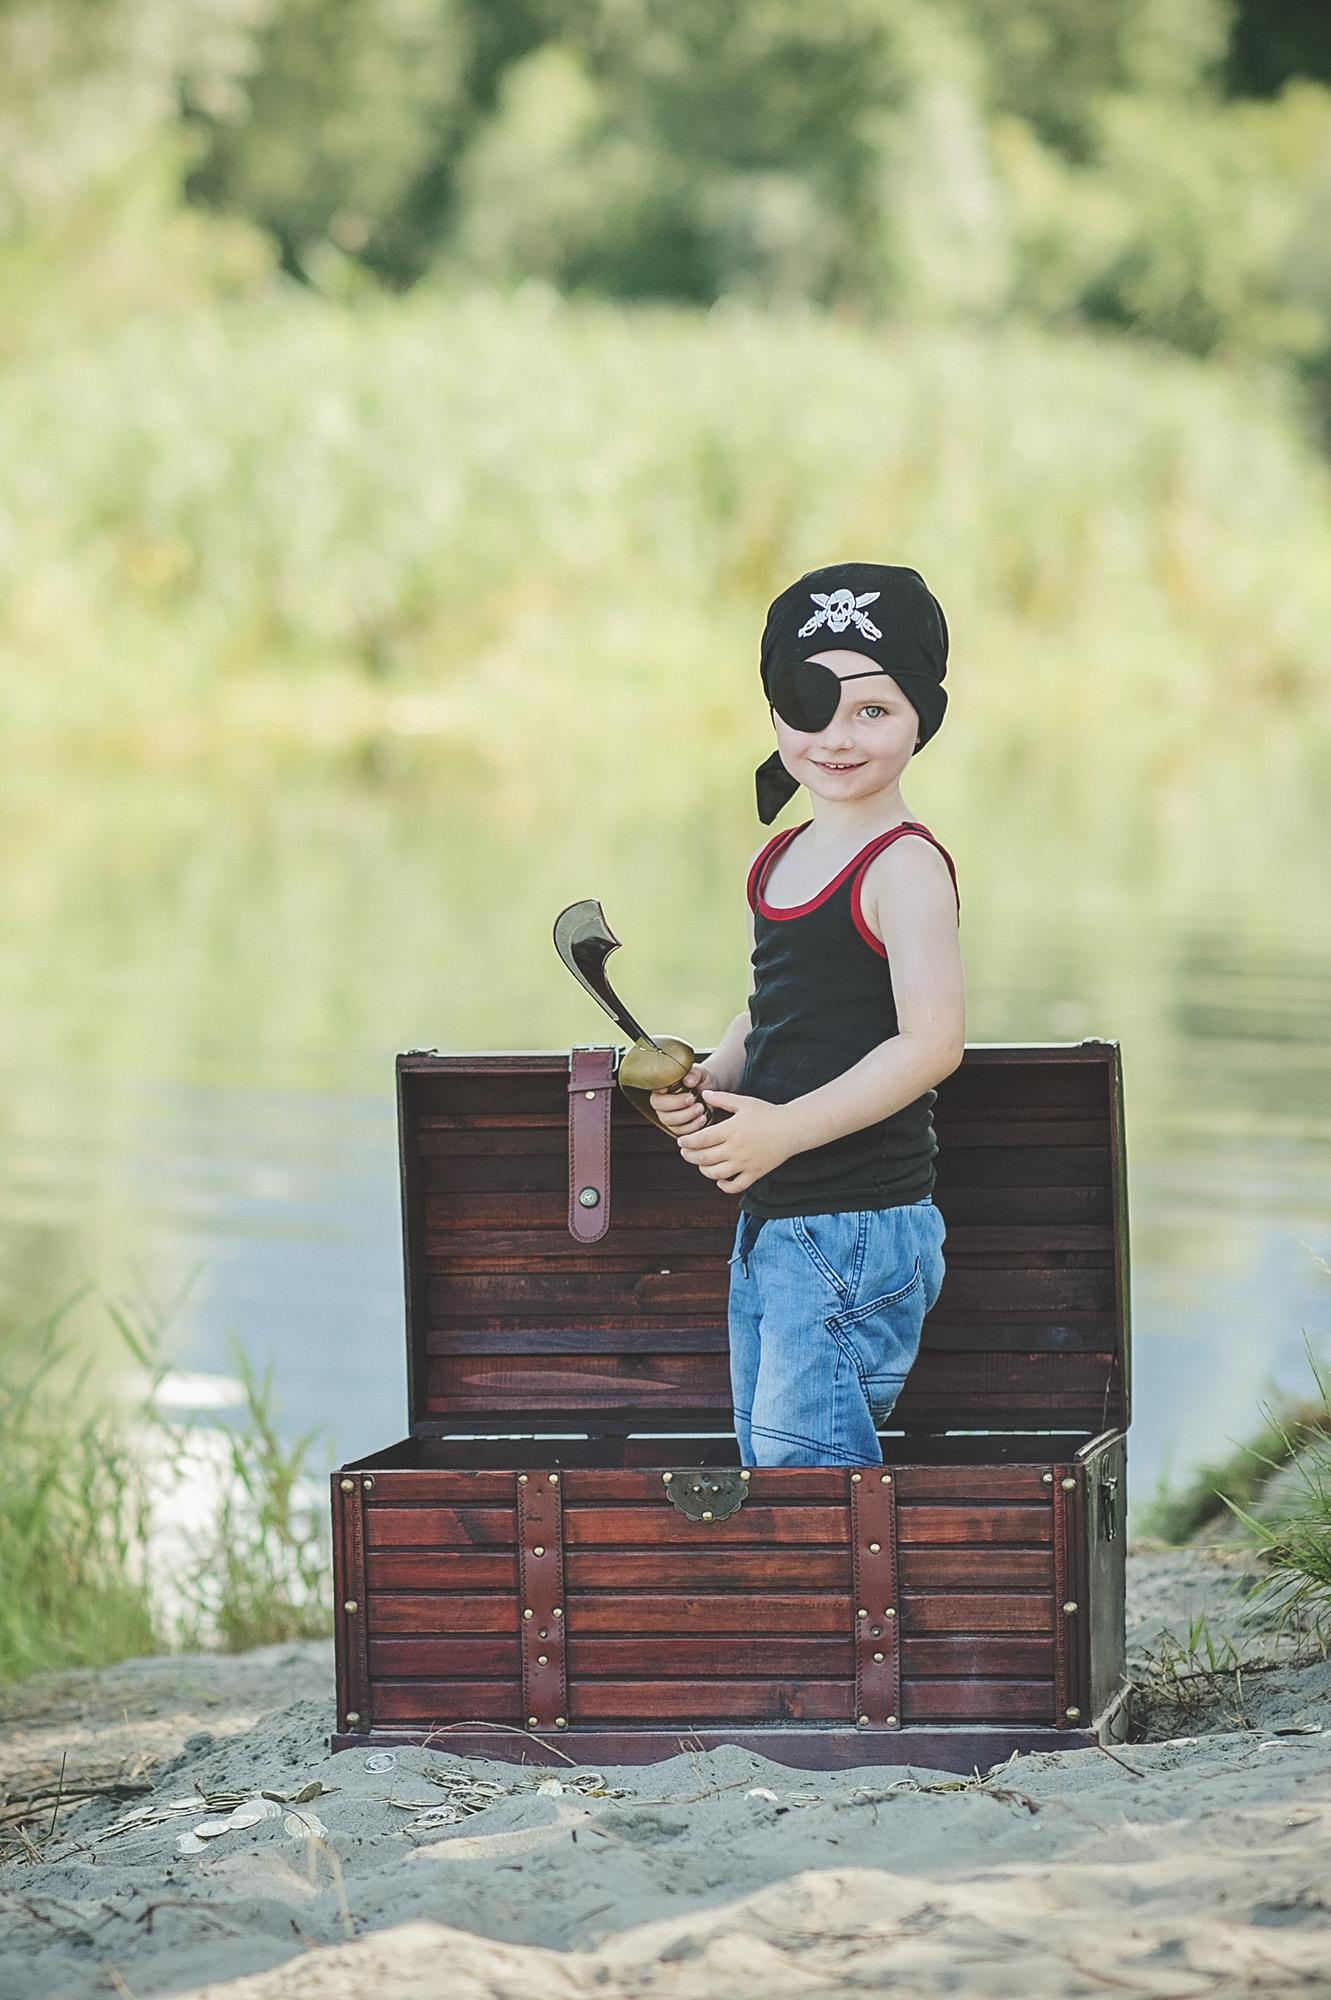 Piraten_Rosenheim